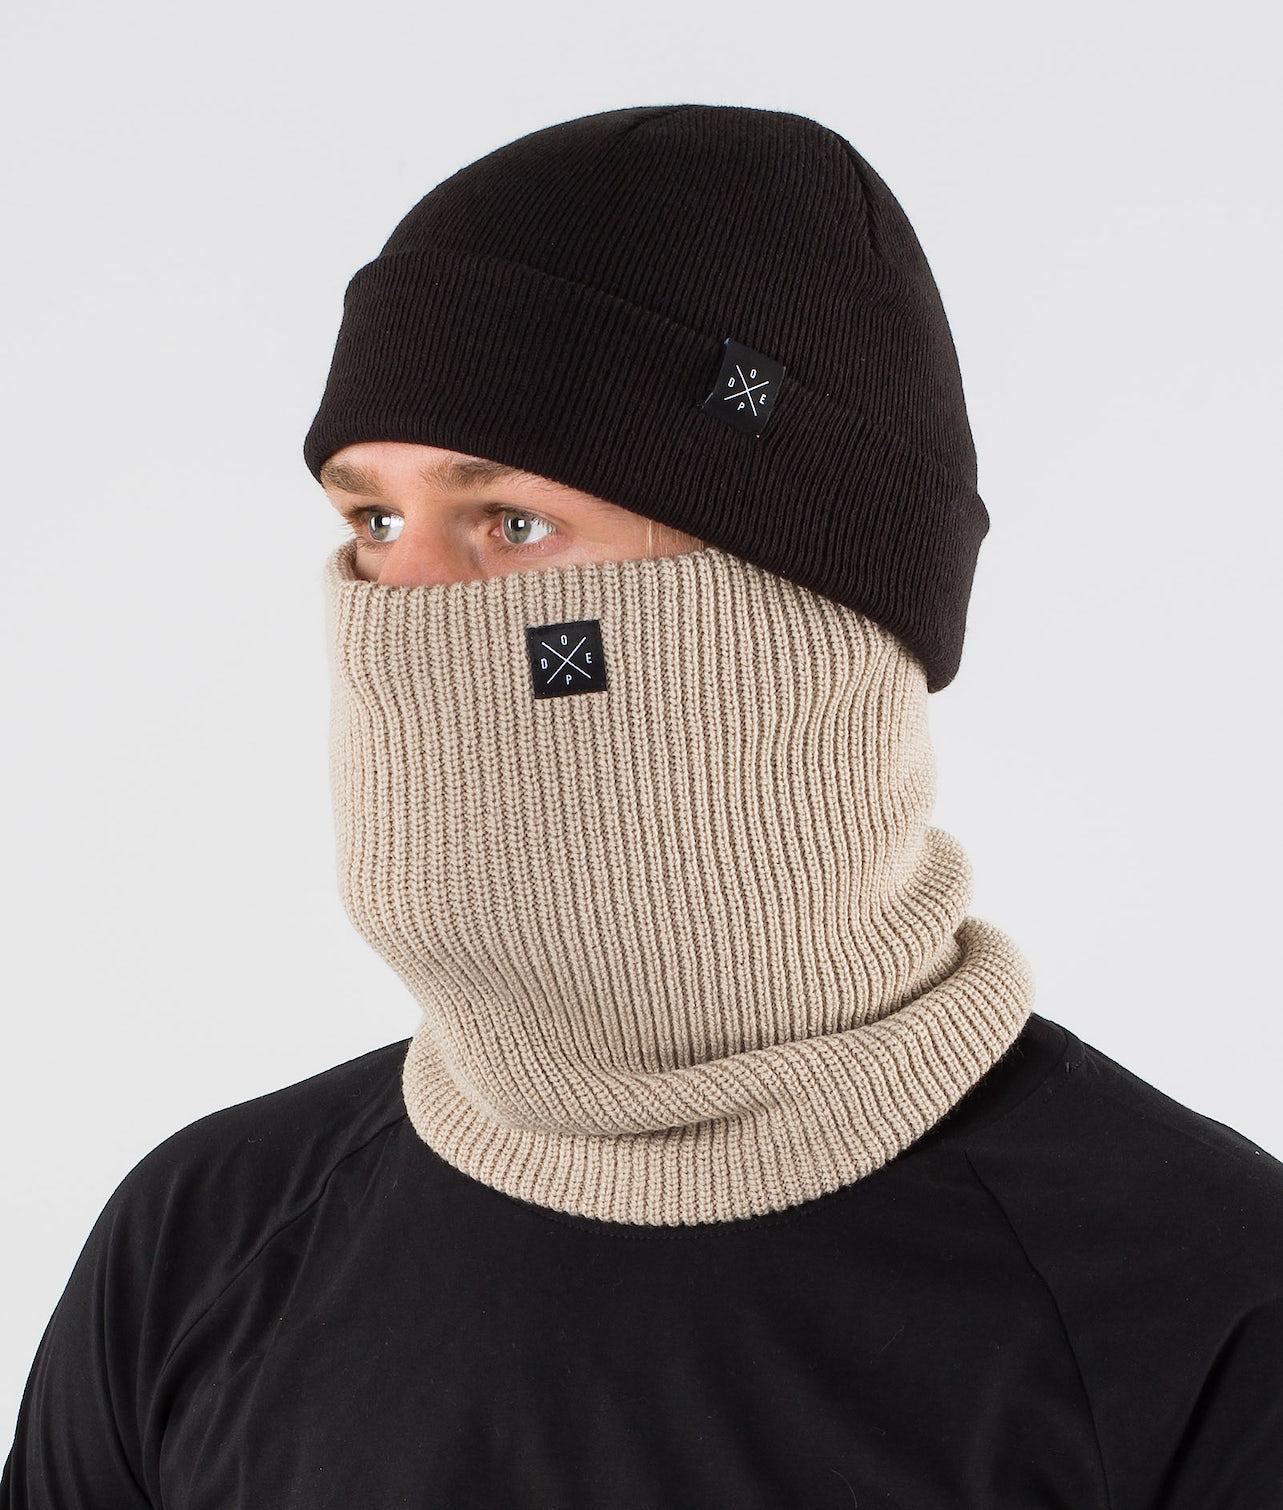 Köp 2X-UP Knitted Ansiktsmask från Dope på Ridestore.se Hos oss har du alltid fri frakt, fri retur och 30 dagar öppet köp!